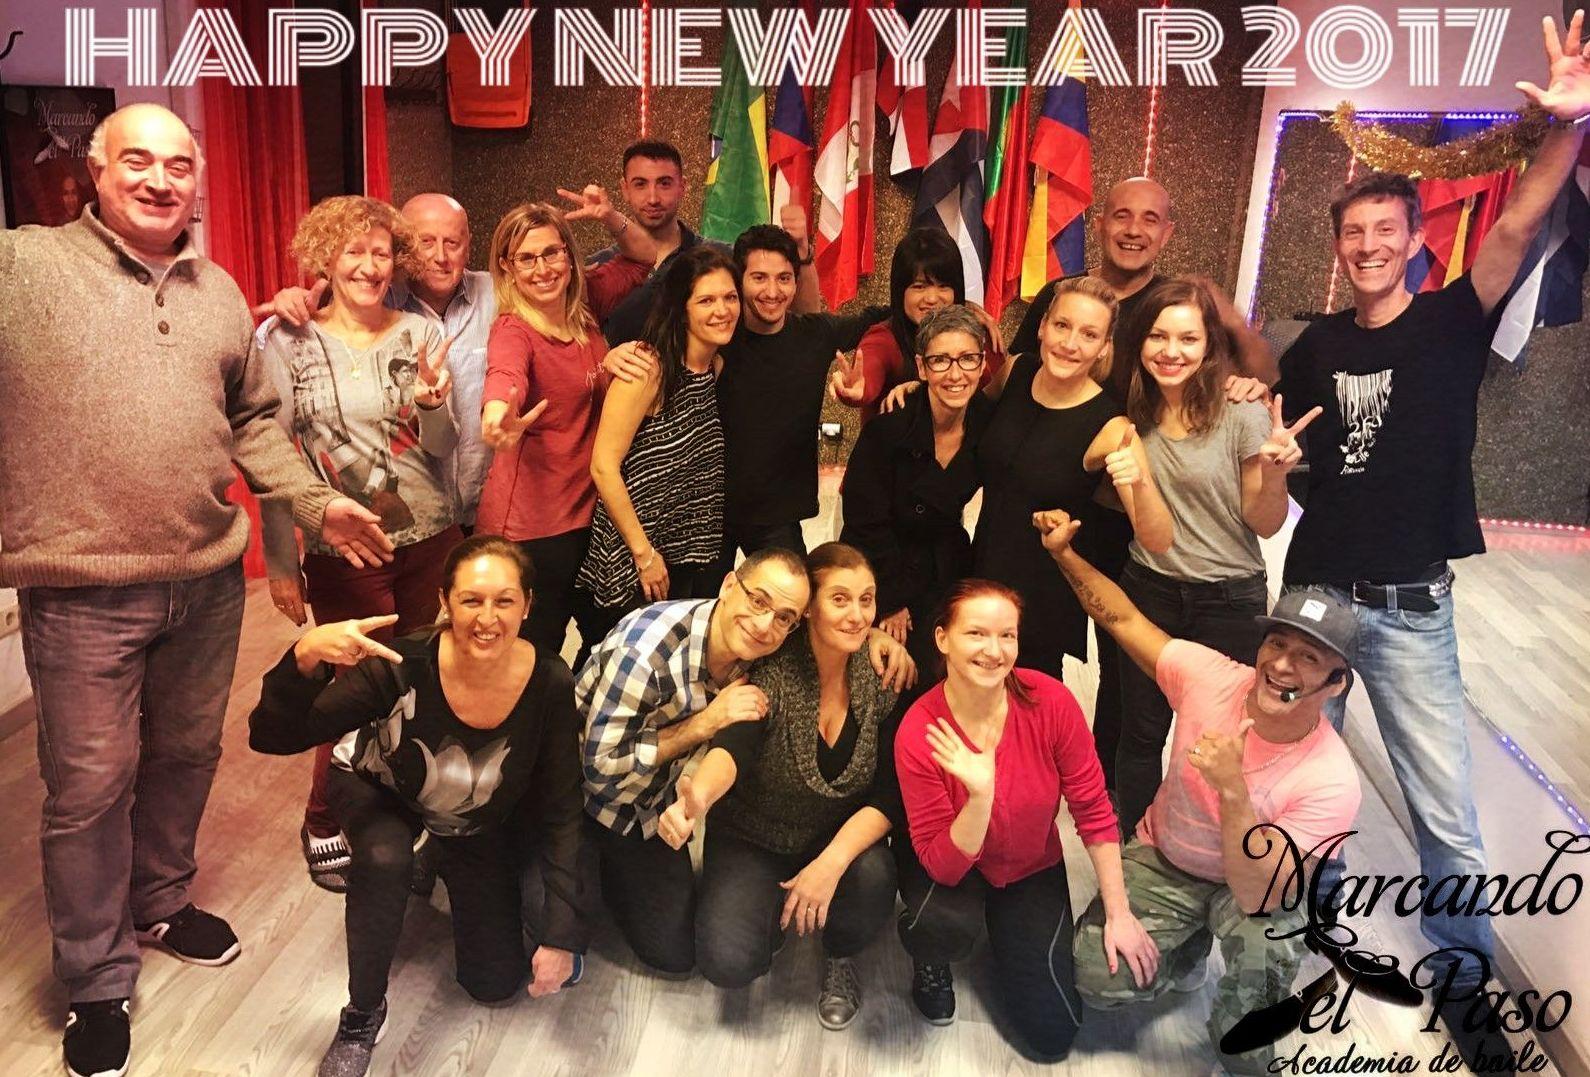 empezamos con fuerzas - feliz año nuevo